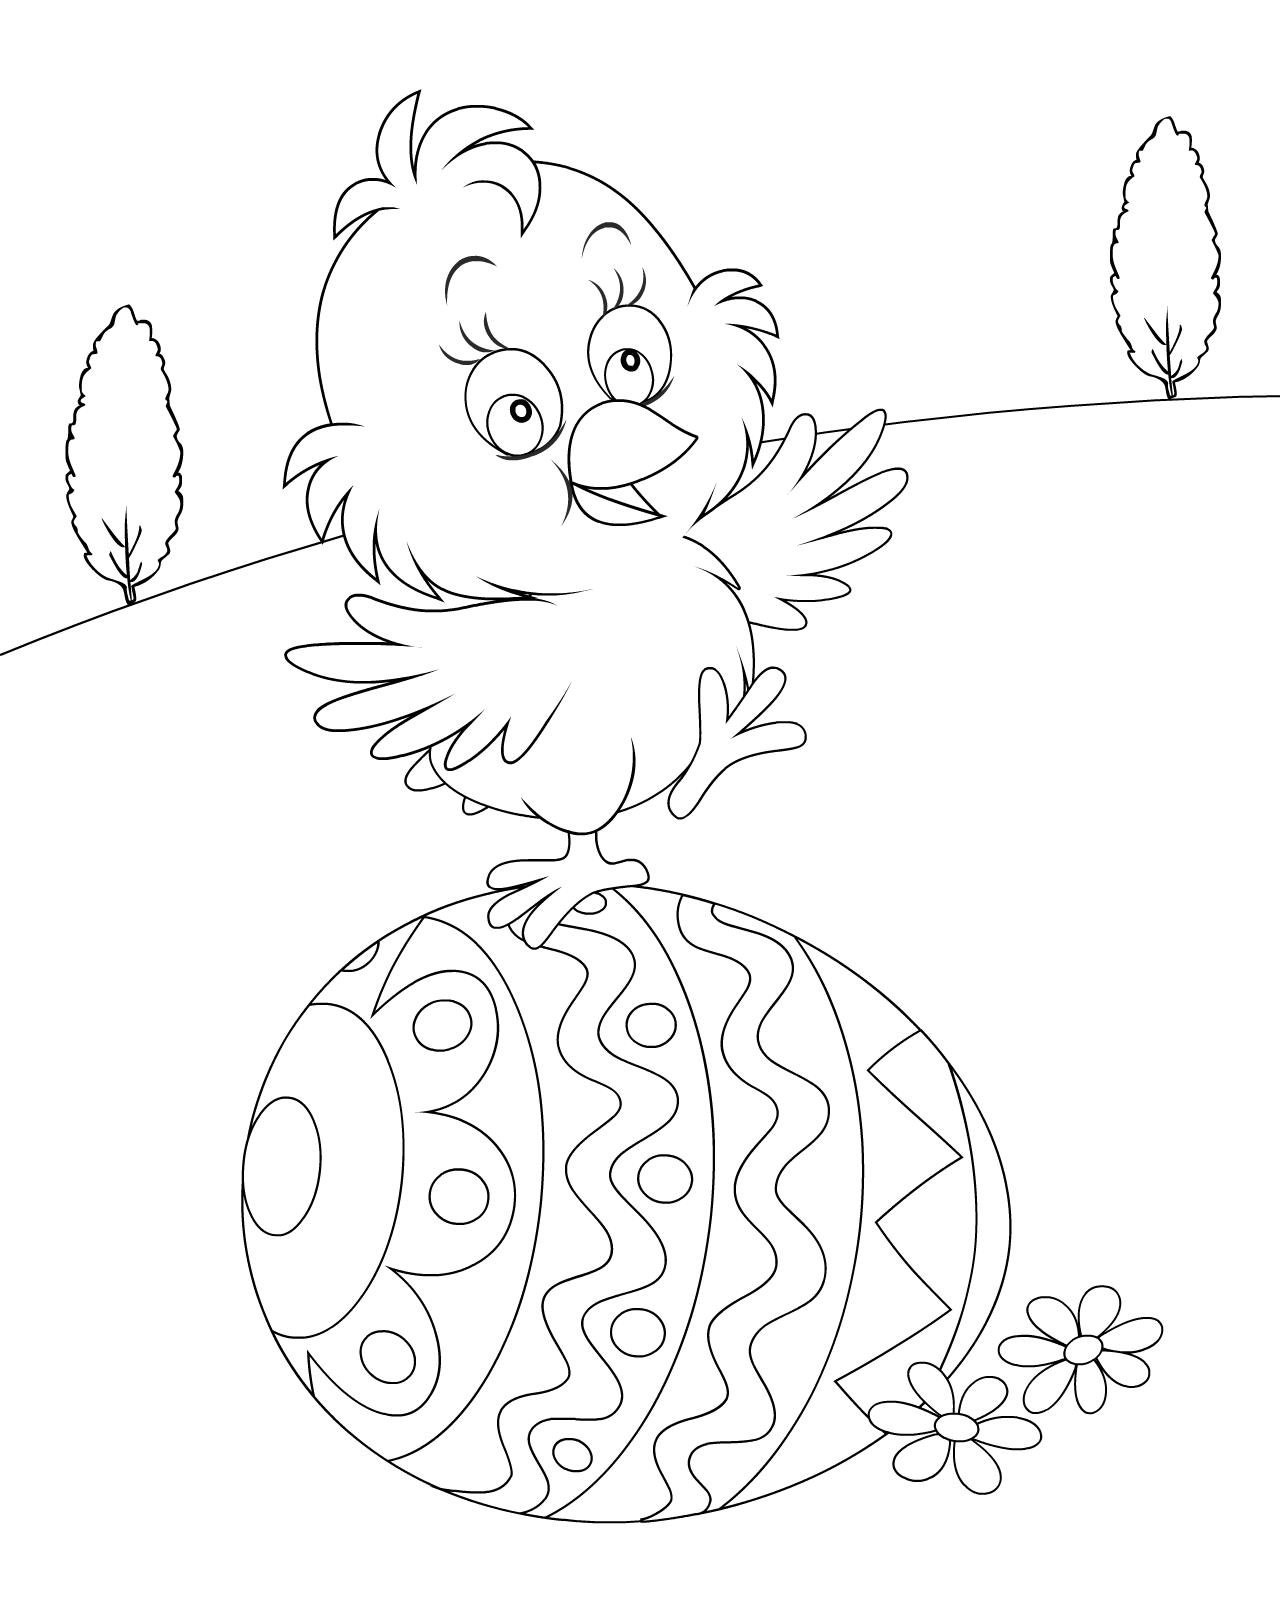 Tranh tô màu gà con đẹp cho bé